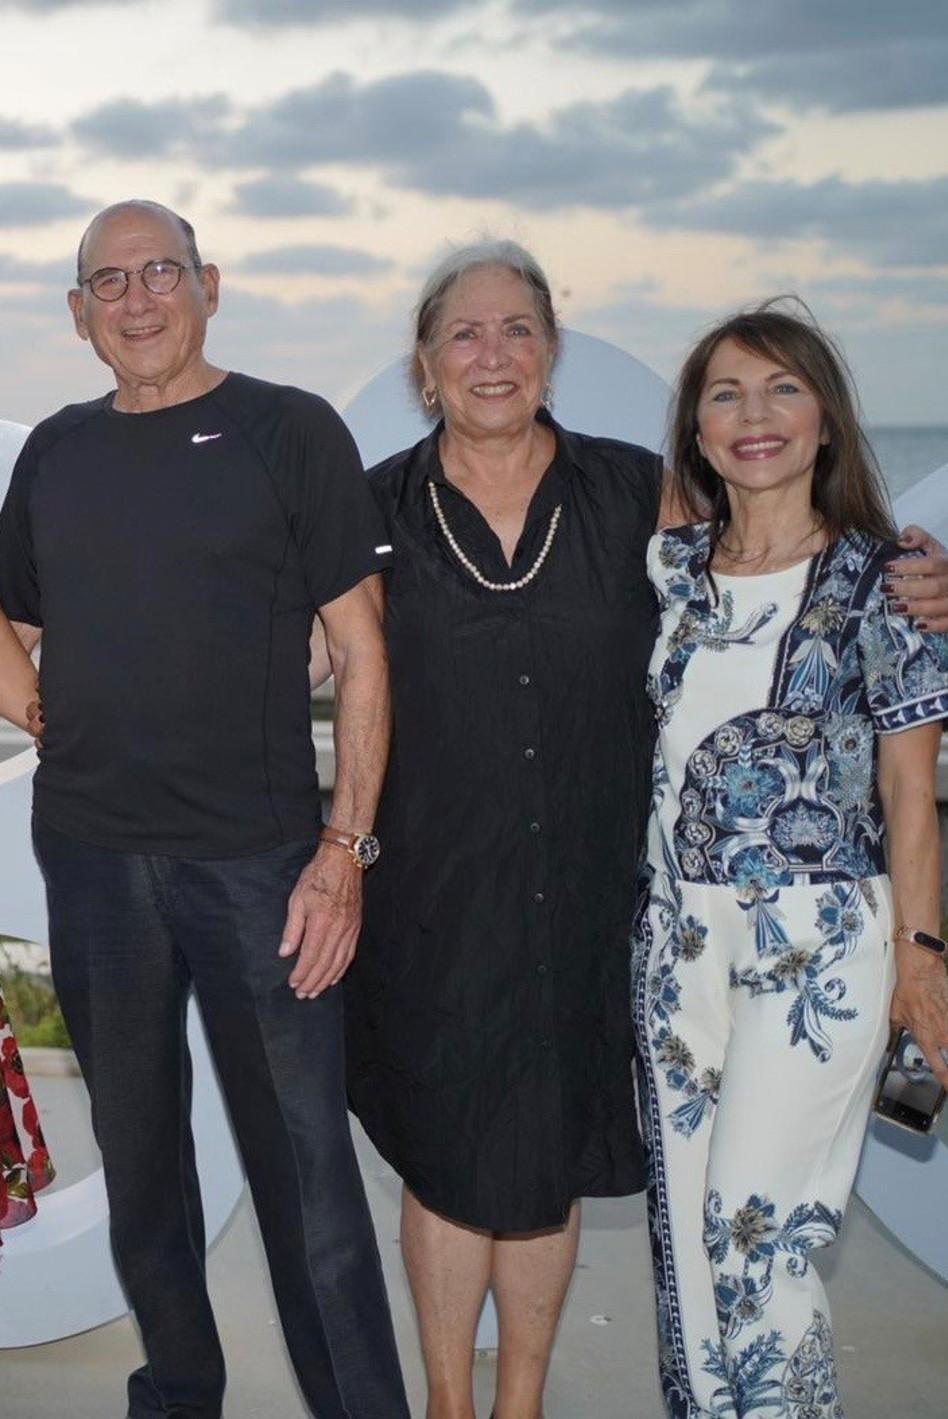 יונה ברטל, טליה וגד זאבי (צילום: אלון שטרן)